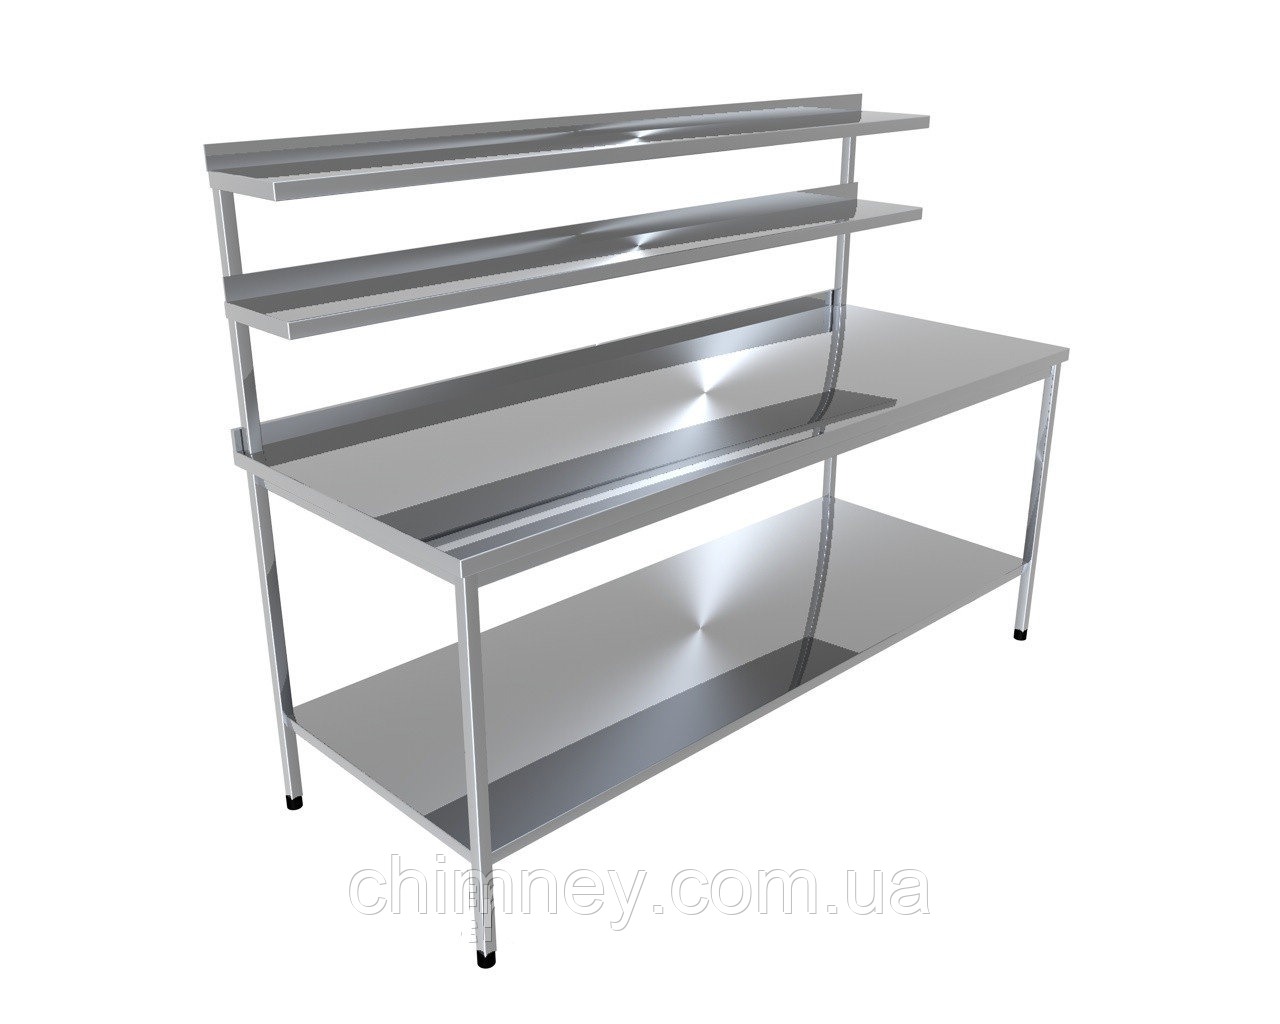 Стіл виробничий з двома верхніми полицями і однієї нижньої CHIMNEYBUD, 1300x800x850 мм (нержавіюча сталь/304)